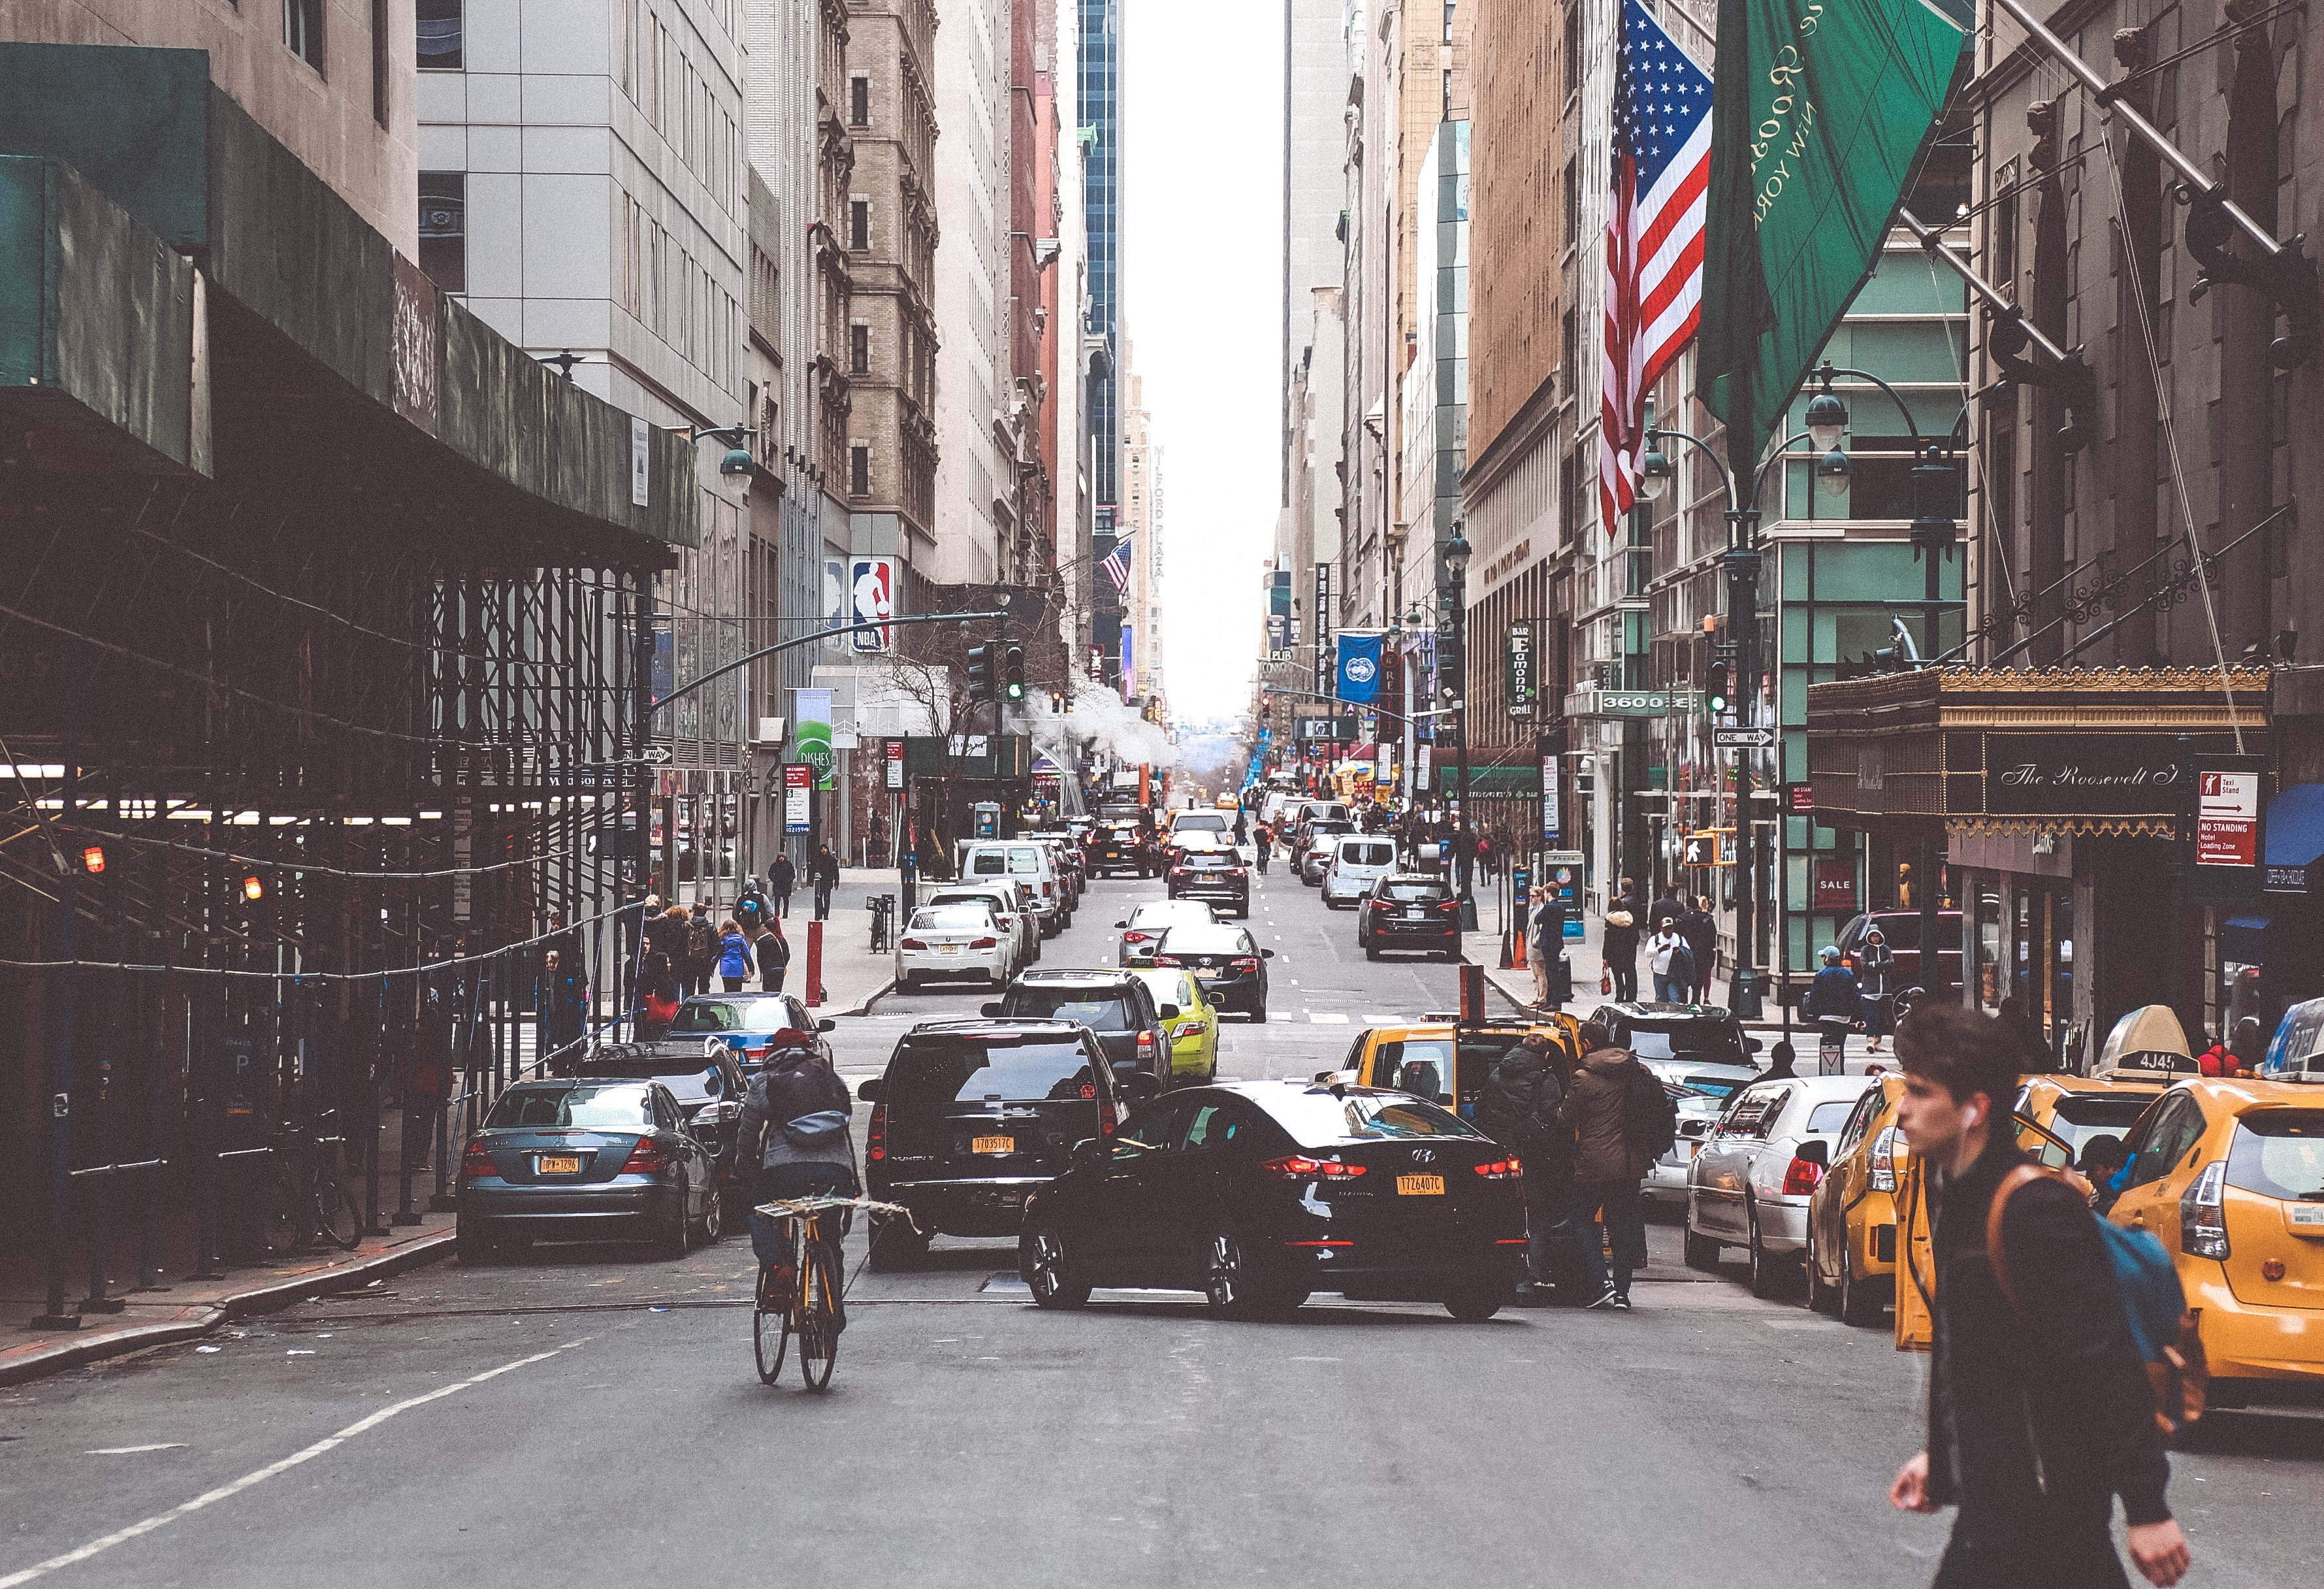 歩くスピードが速い人はコロナ感染での死亡率が低い?!